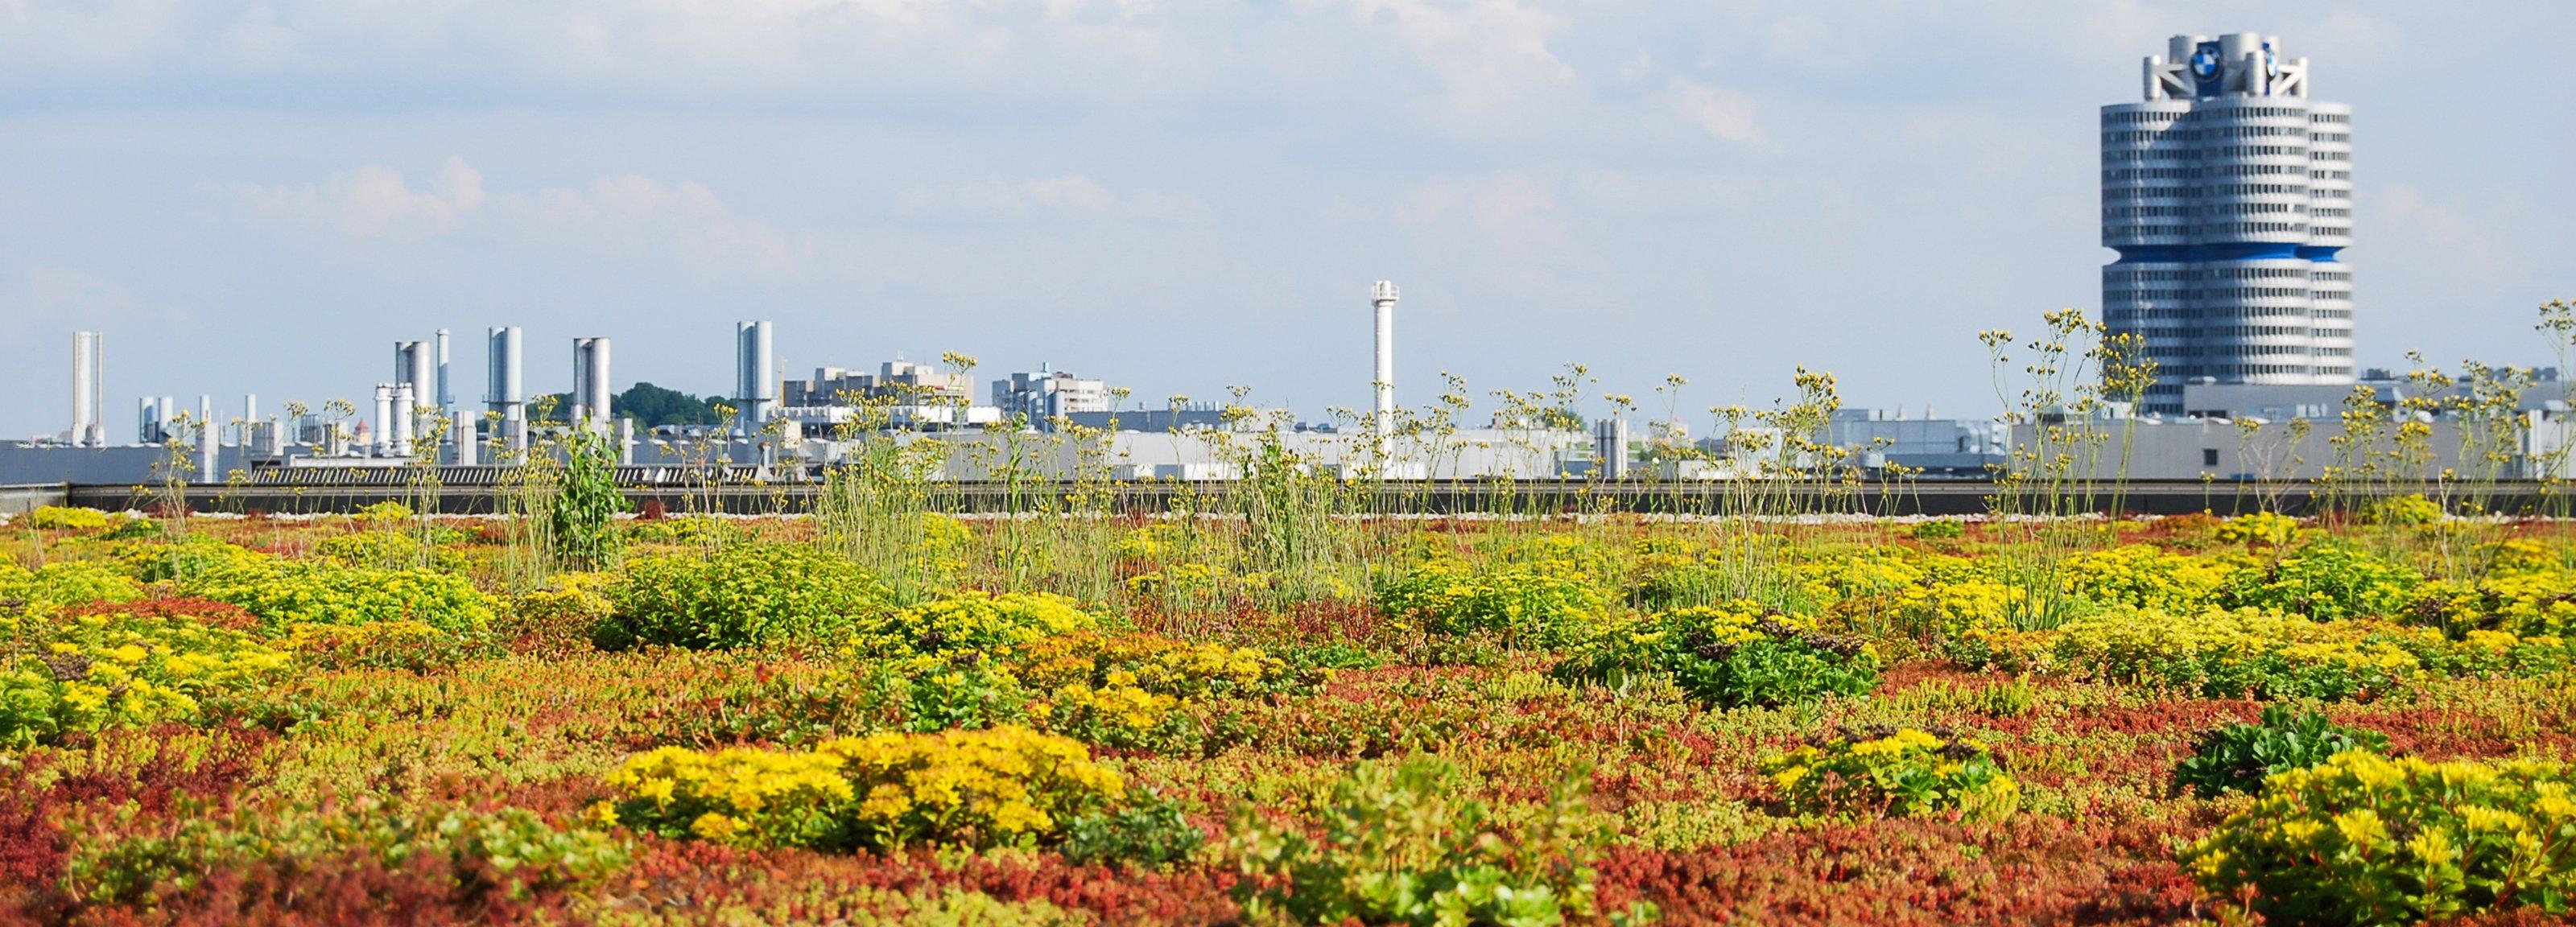 Mehr Lebensqualität trotz Urbanisierung – Dank Dachbegrünung